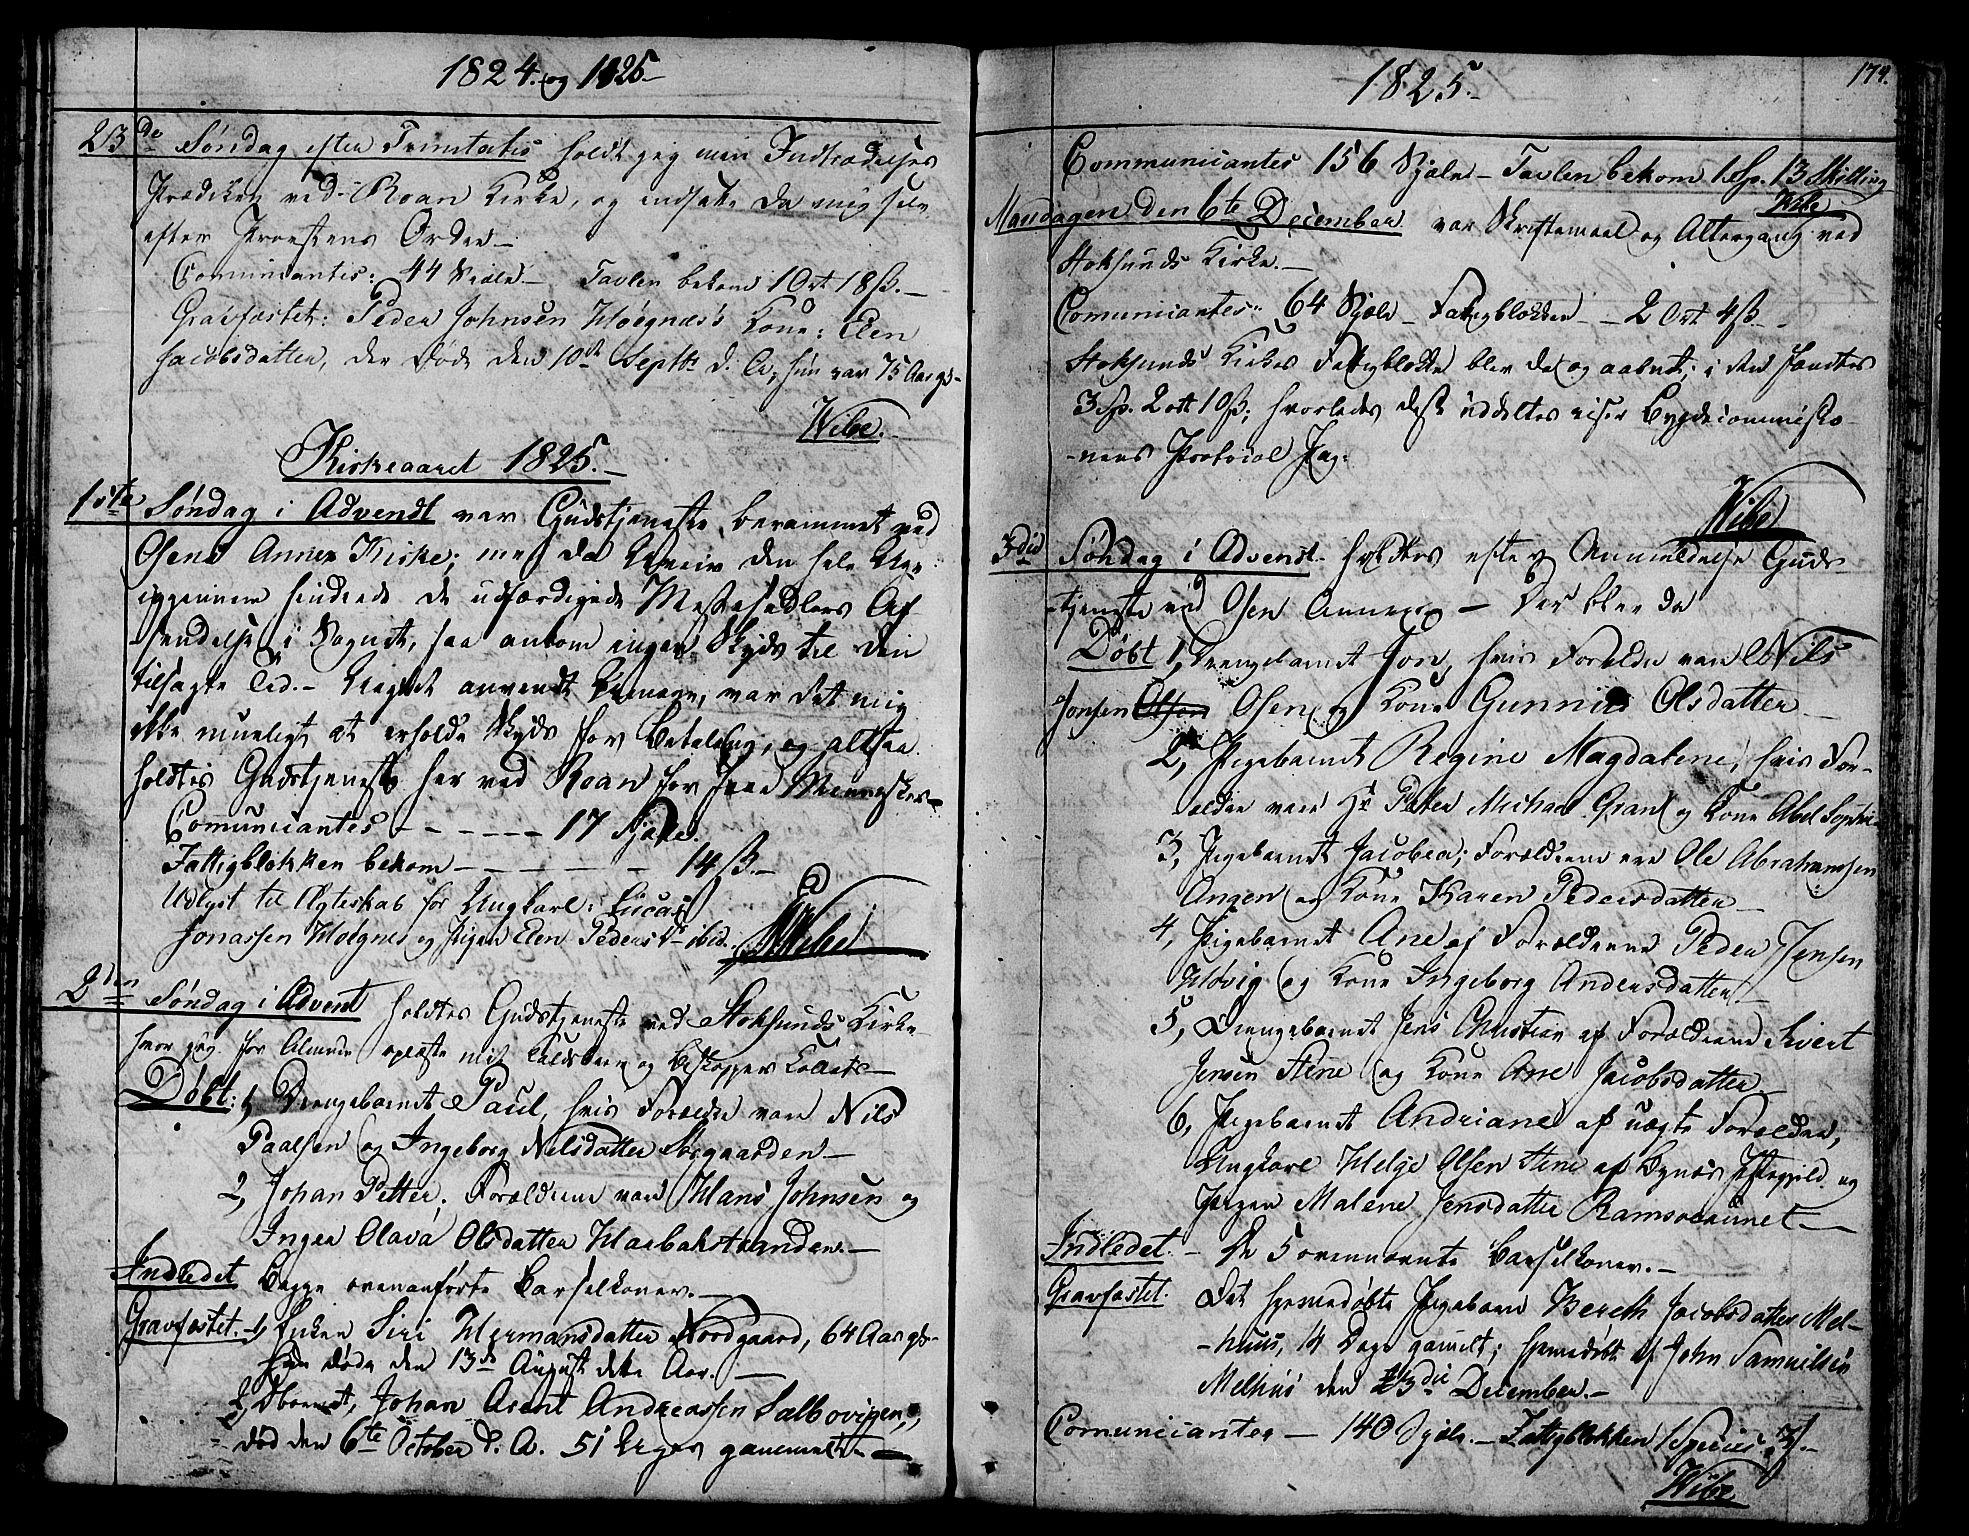 SAT, Ministerialprotokoller, klokkerbøker og fødselsregistre - Sør-Trøndelag, 657/L0701: Ministerialbok nr. 657A02, 1802-1831, s. 174